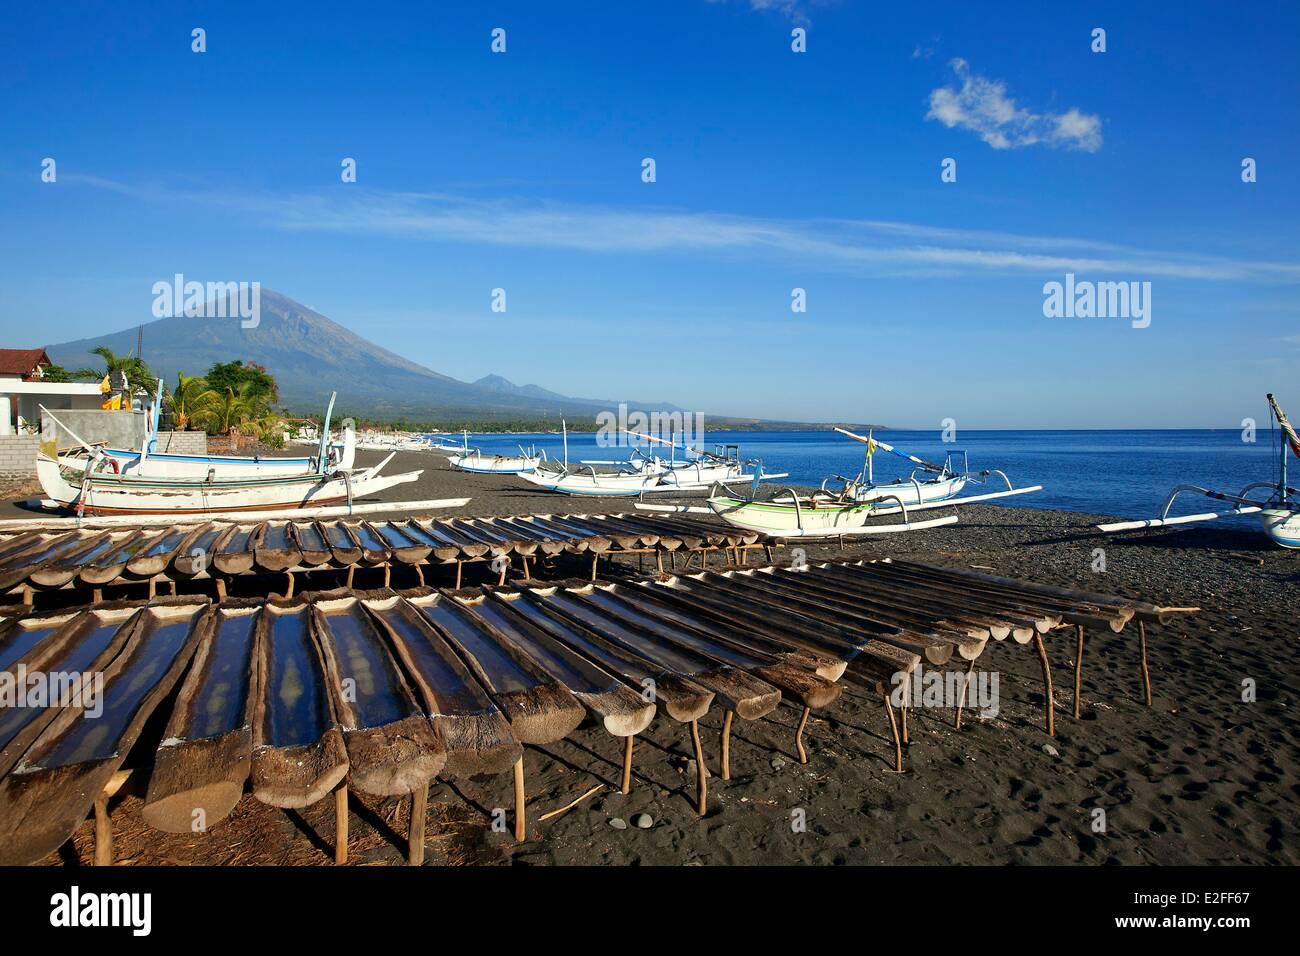 Indonesien, Bali, Ostküste, Amed, Salzgewinnung, Mount Agung im Hintergrund Stockbild